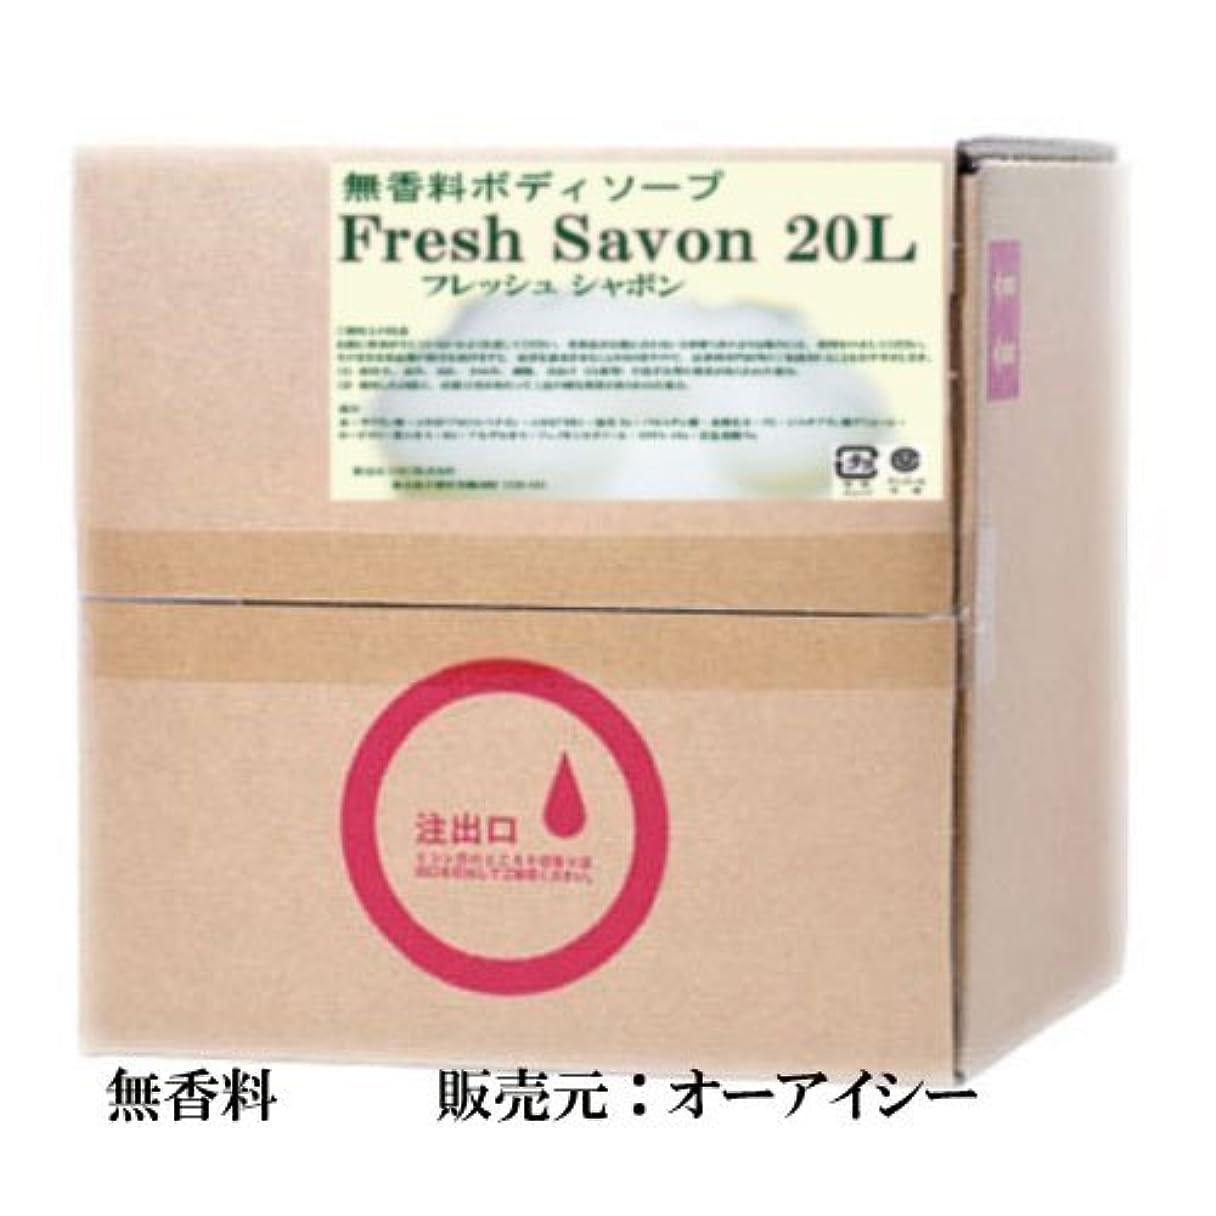 成熟した女の子経度業務用 無香料 ボディソープ フレッシュシャボン 20L (販売元:オーアイシー) (ホワイト(コック付属))